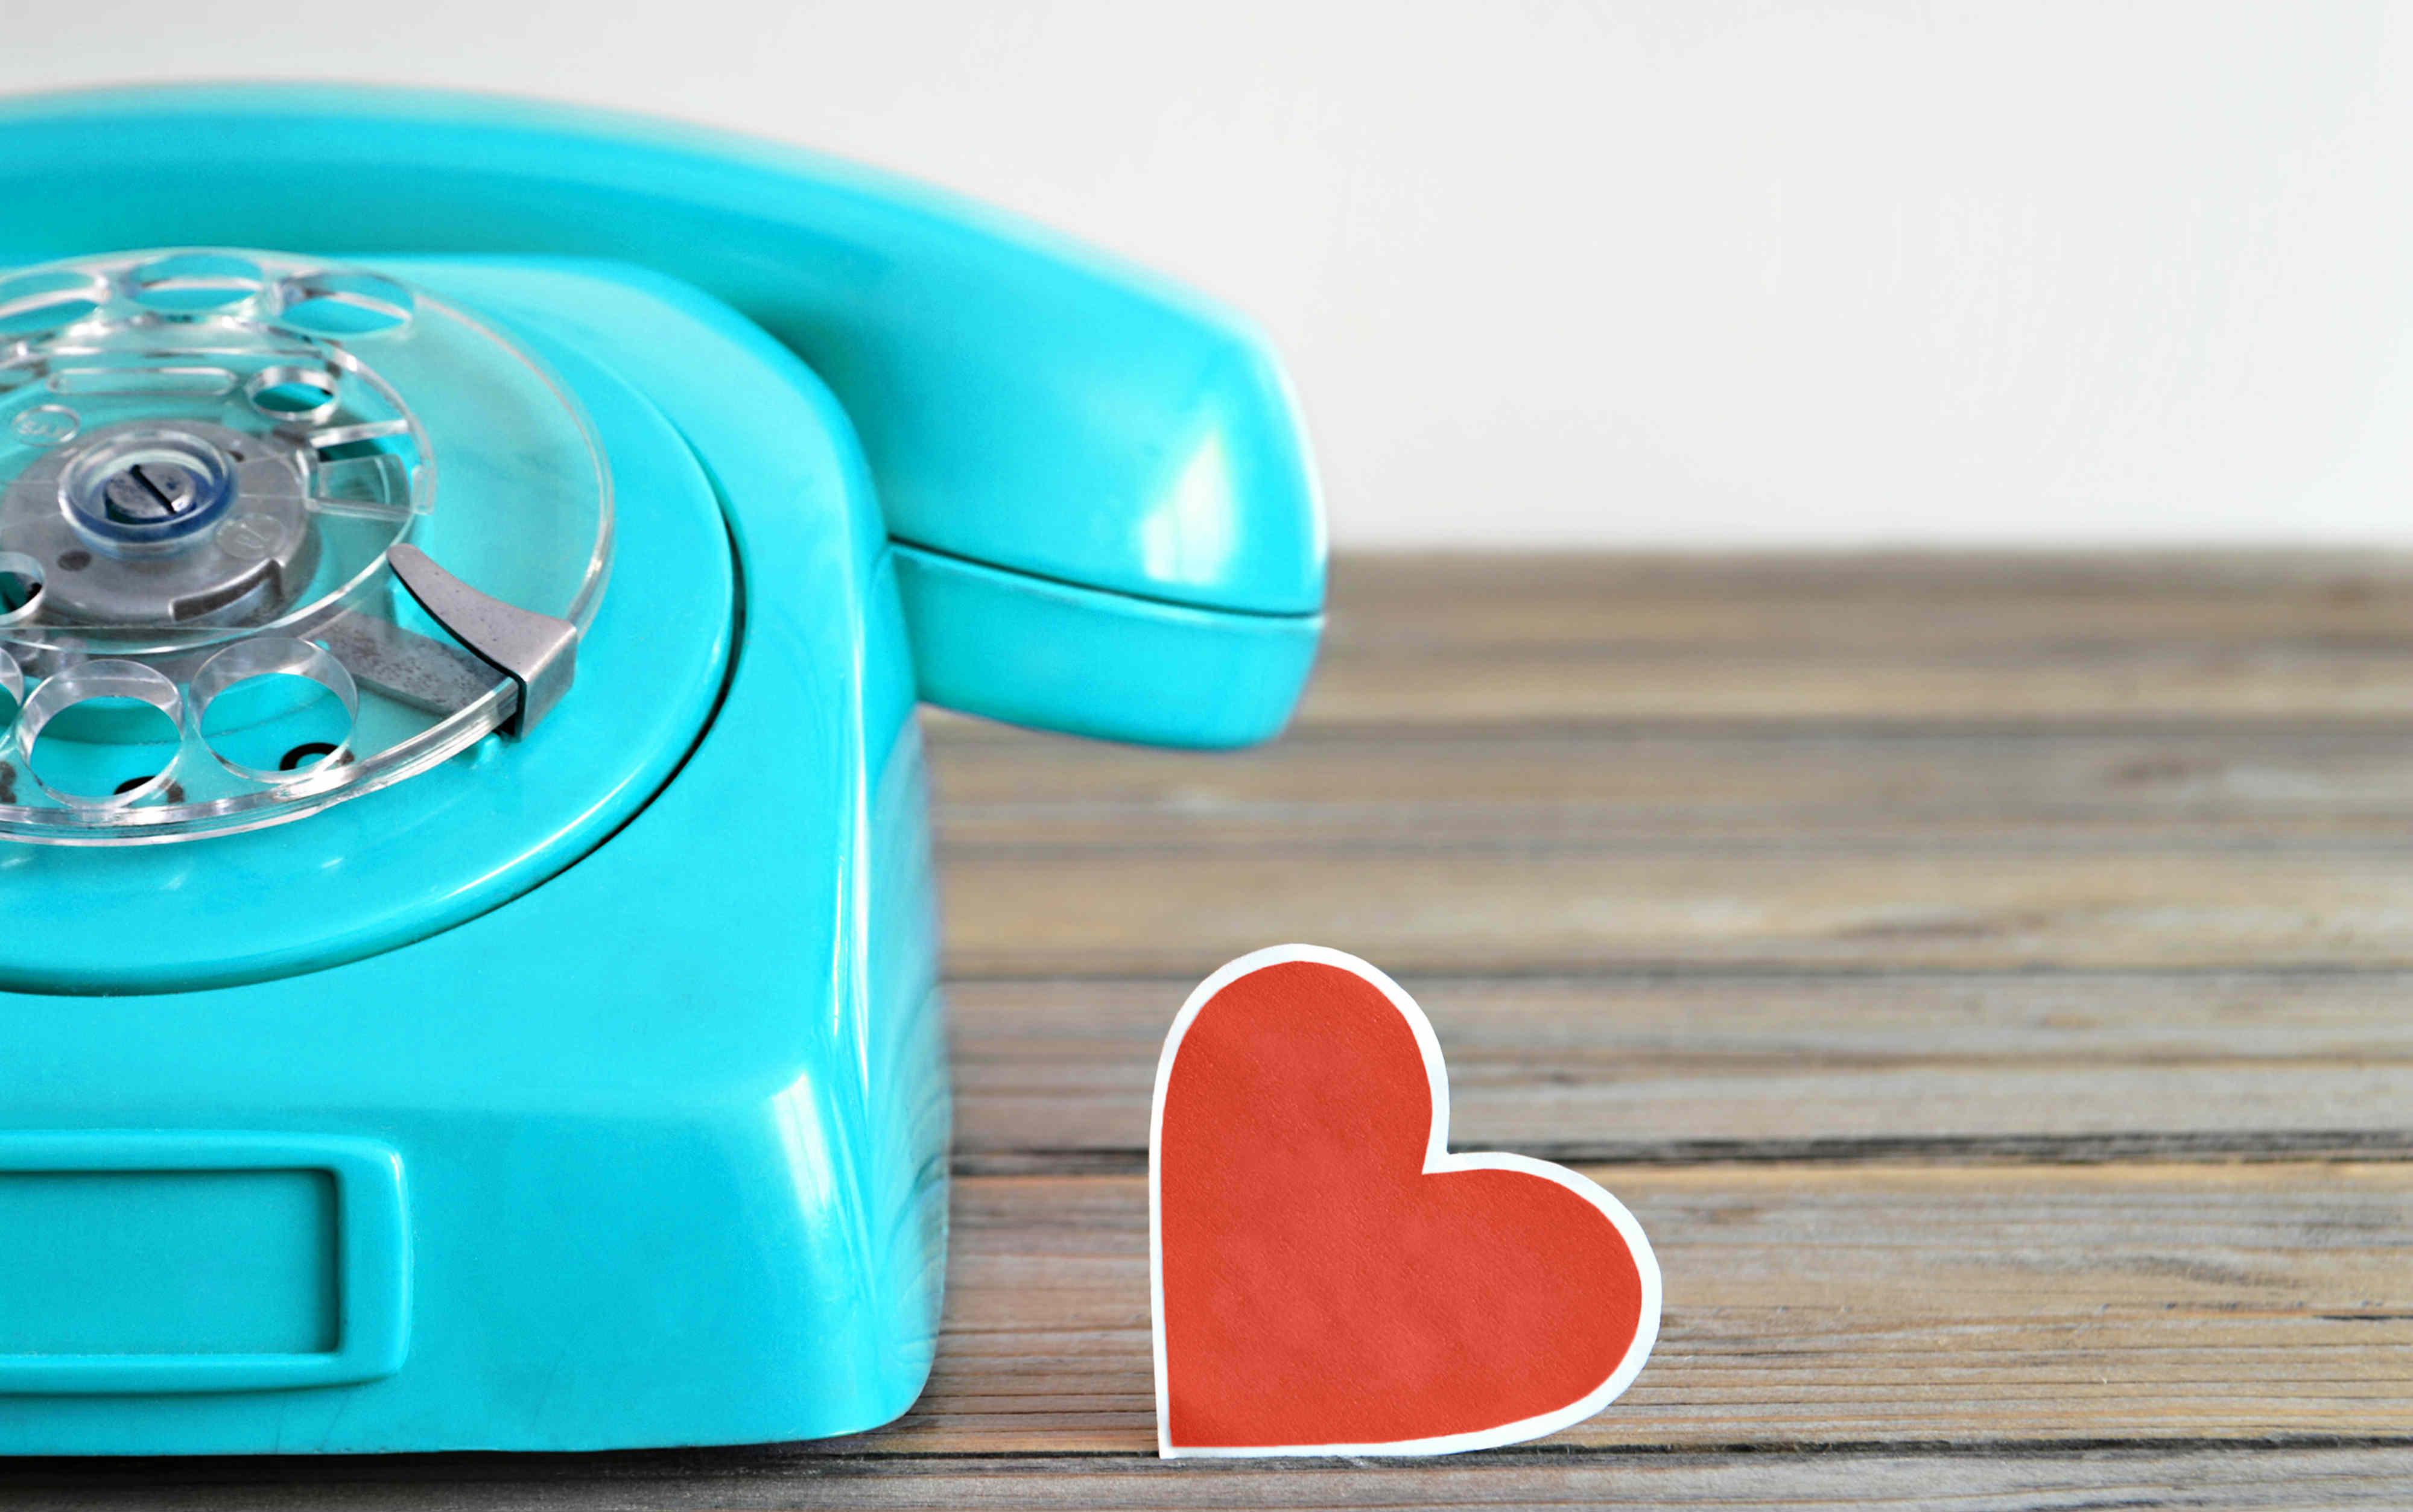 格安SIMに電話番号は必要か?データプランをおすすめする理由